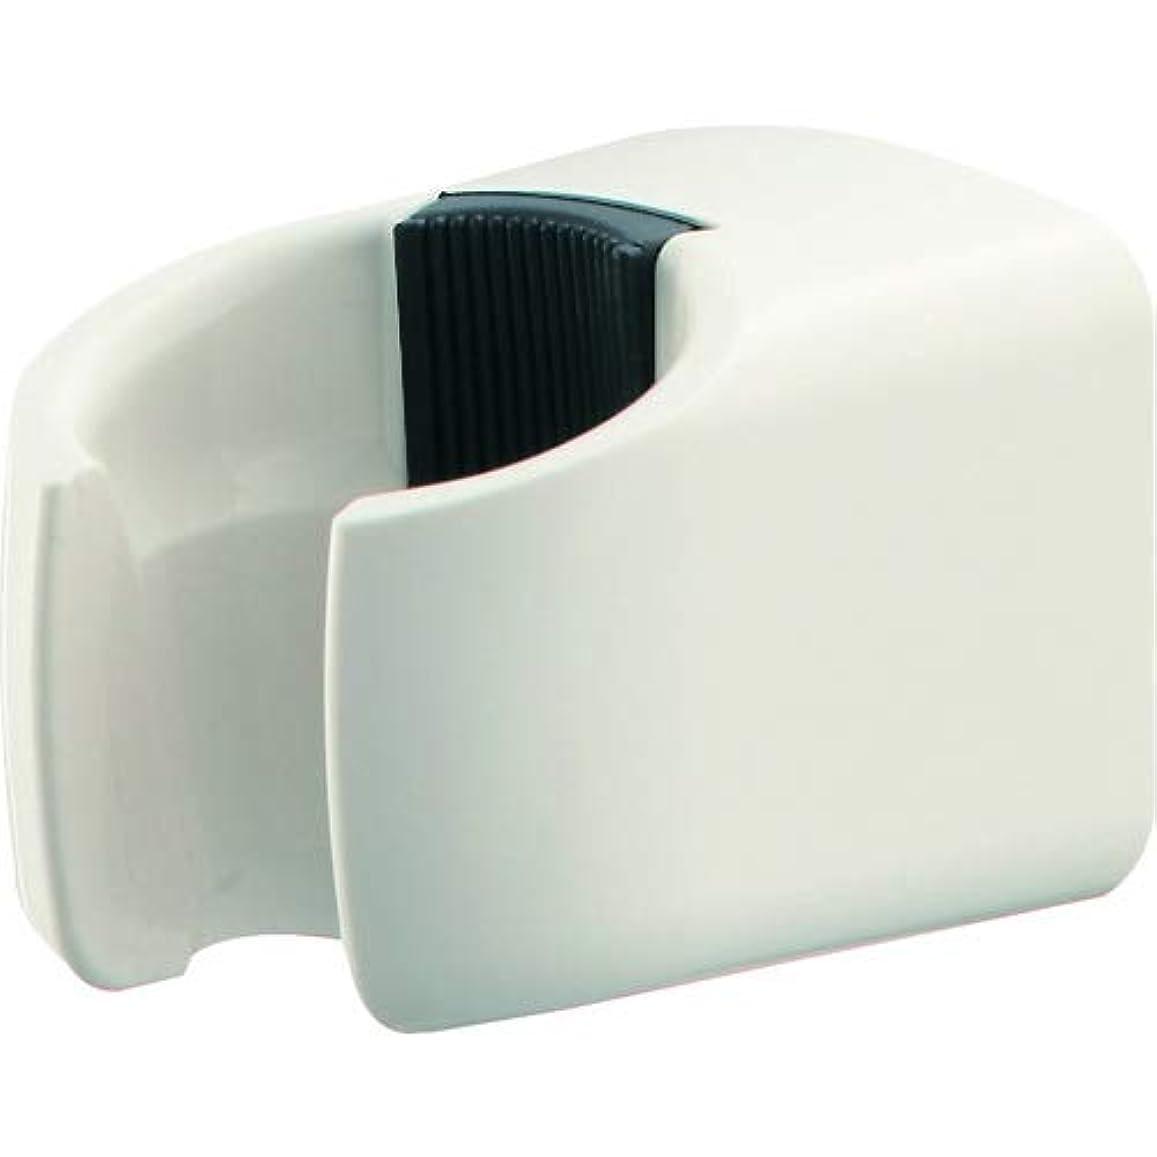 に渡って勇者素晴らしいですSANEI 【PCシャワー掛具】 ホワイト PS32-85-W